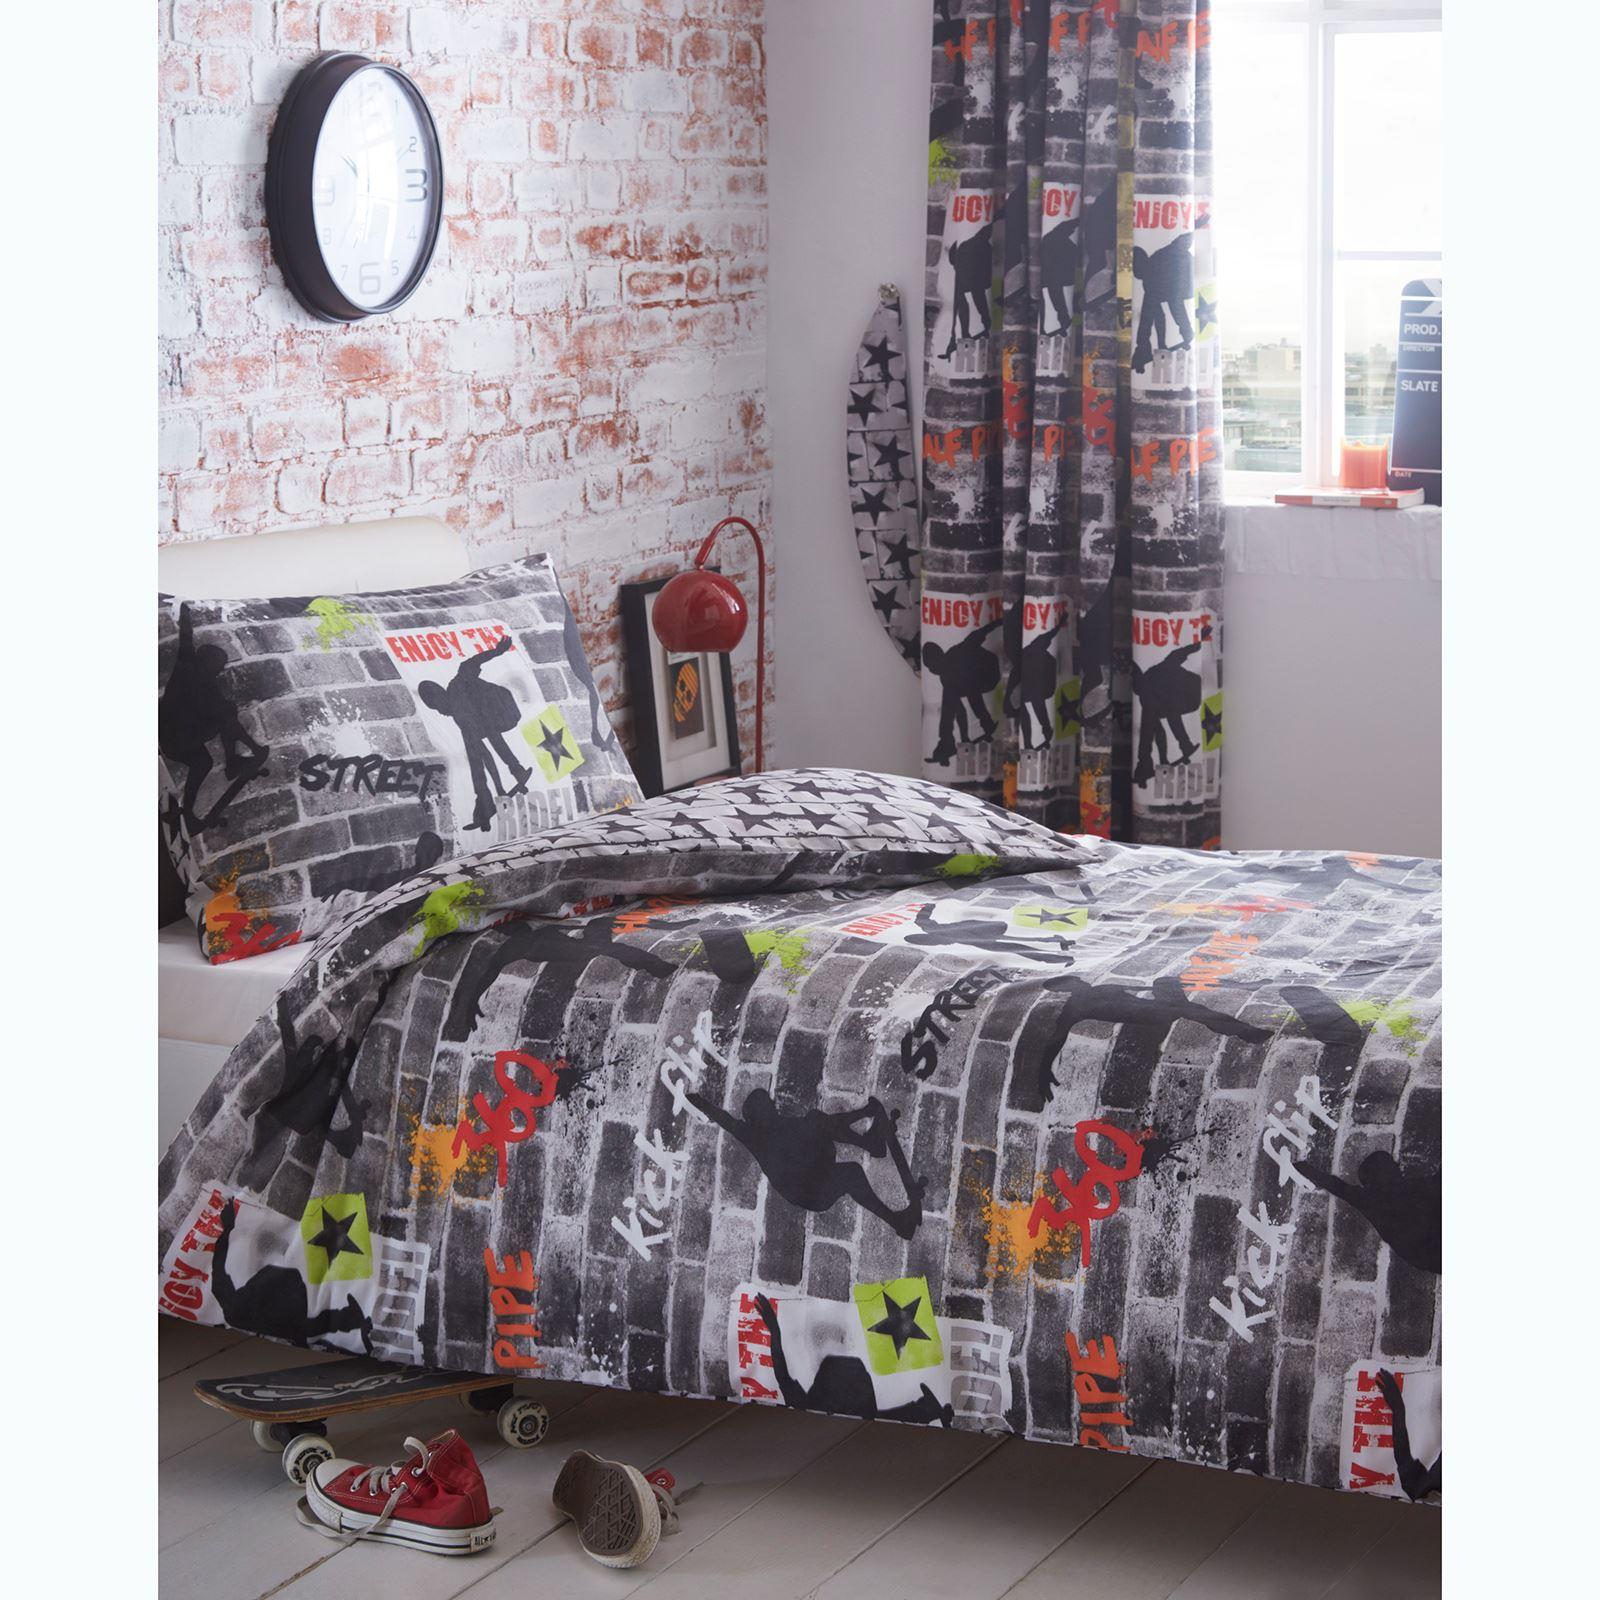 Indexbild 150 - Teenager Bettwäsche Sets - Einzel / Doppelbett Bettwäsche Jungen Musik Graffiti